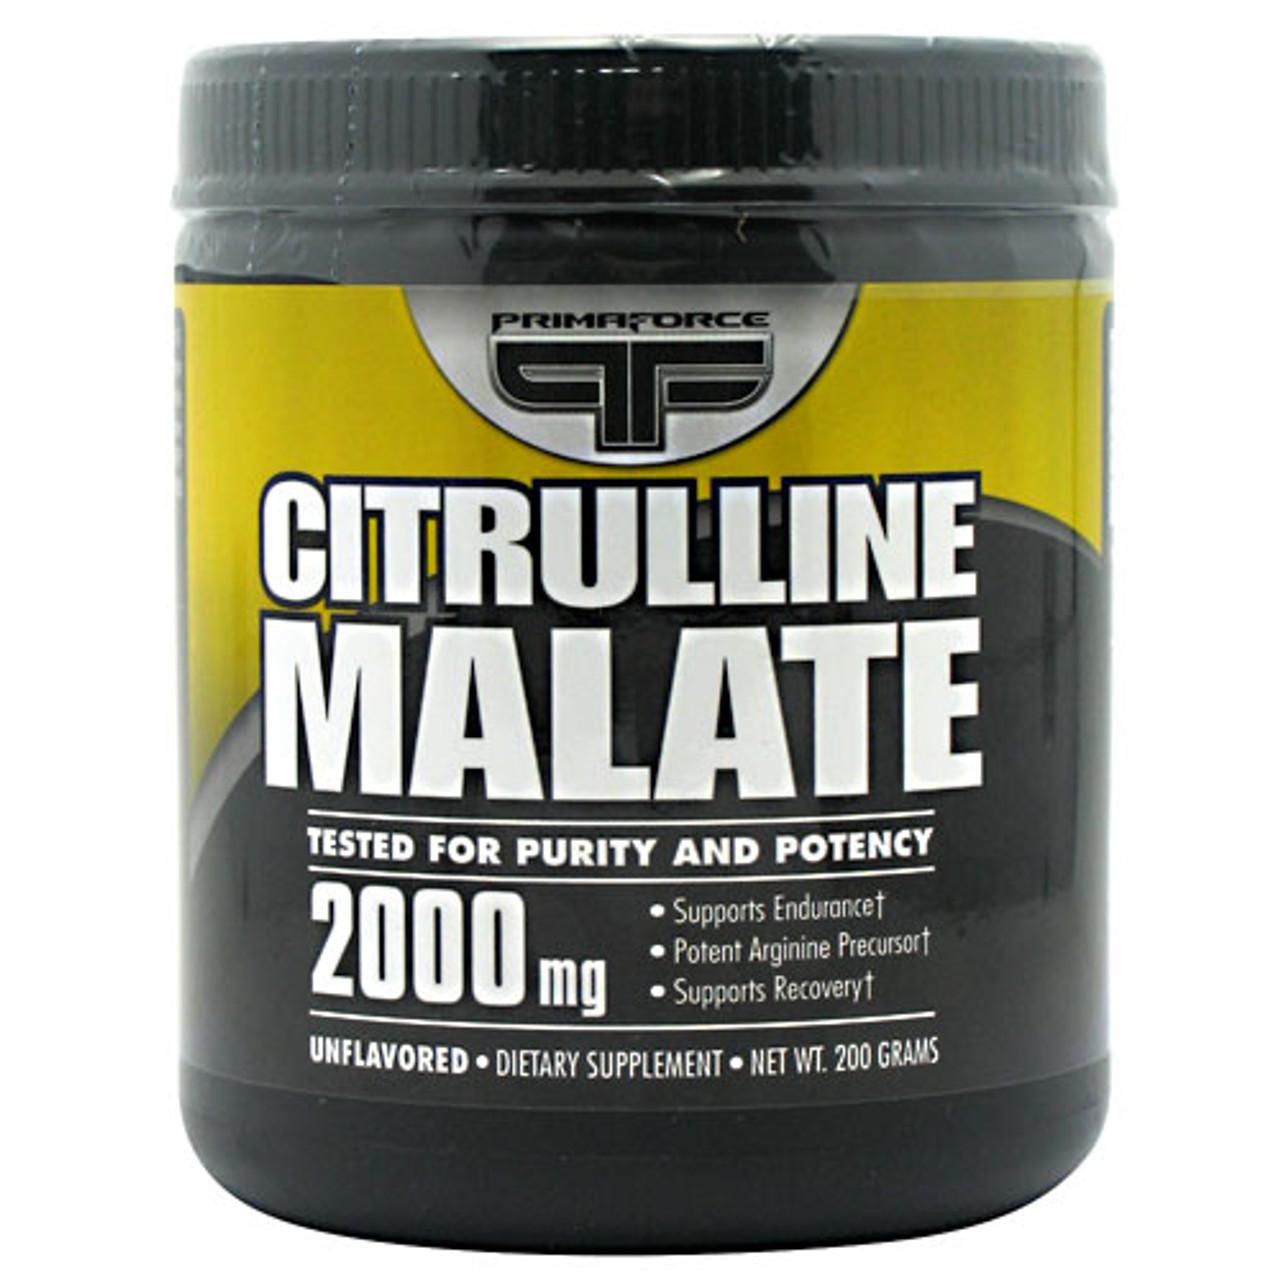 Citrulline Malate 200g Primaforce